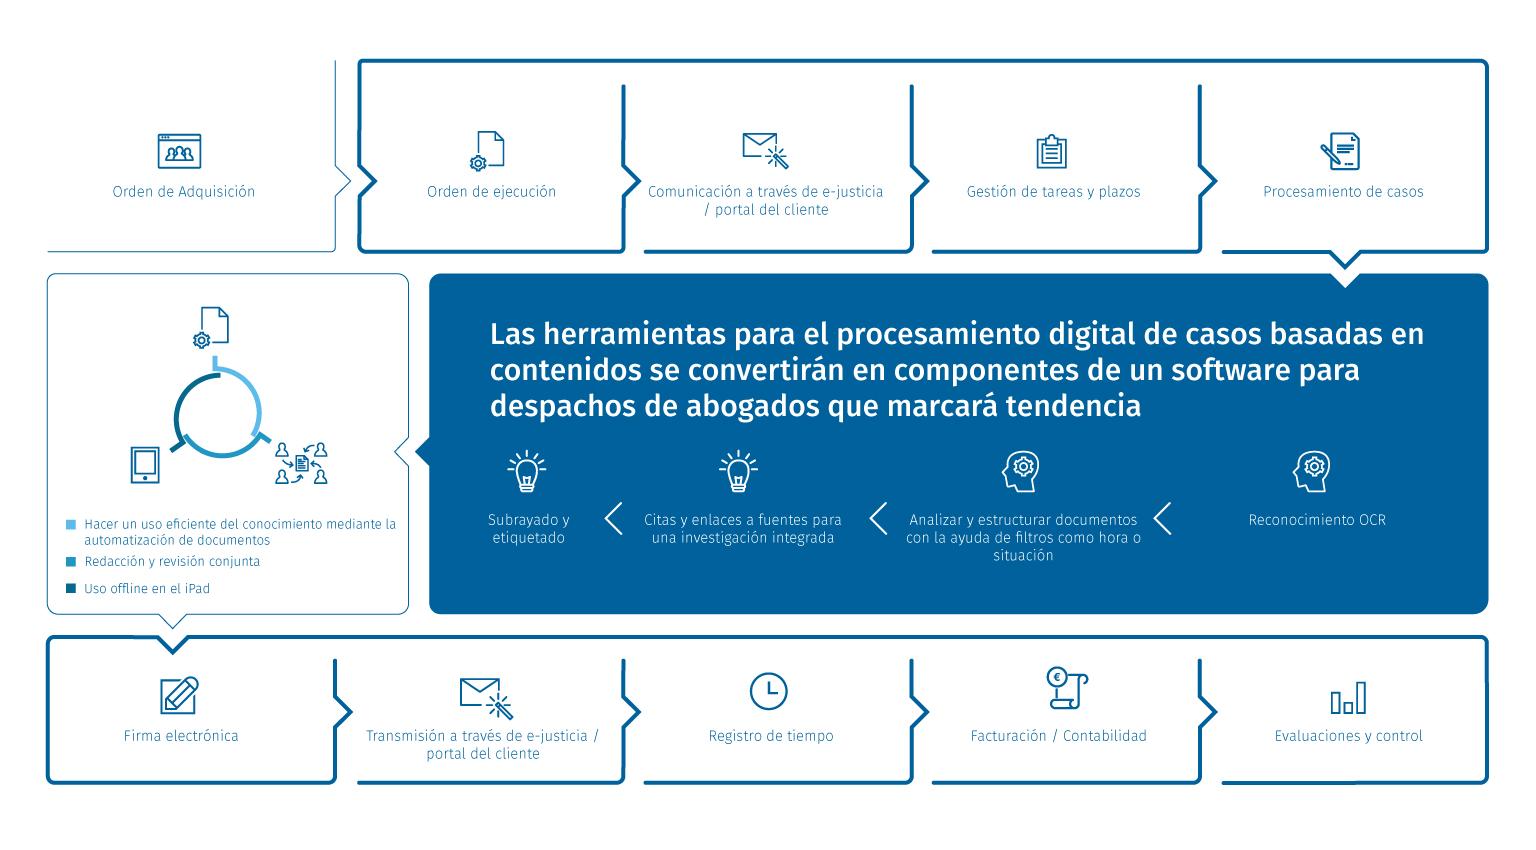 de mandatos hasta el procesamiento digital de casos